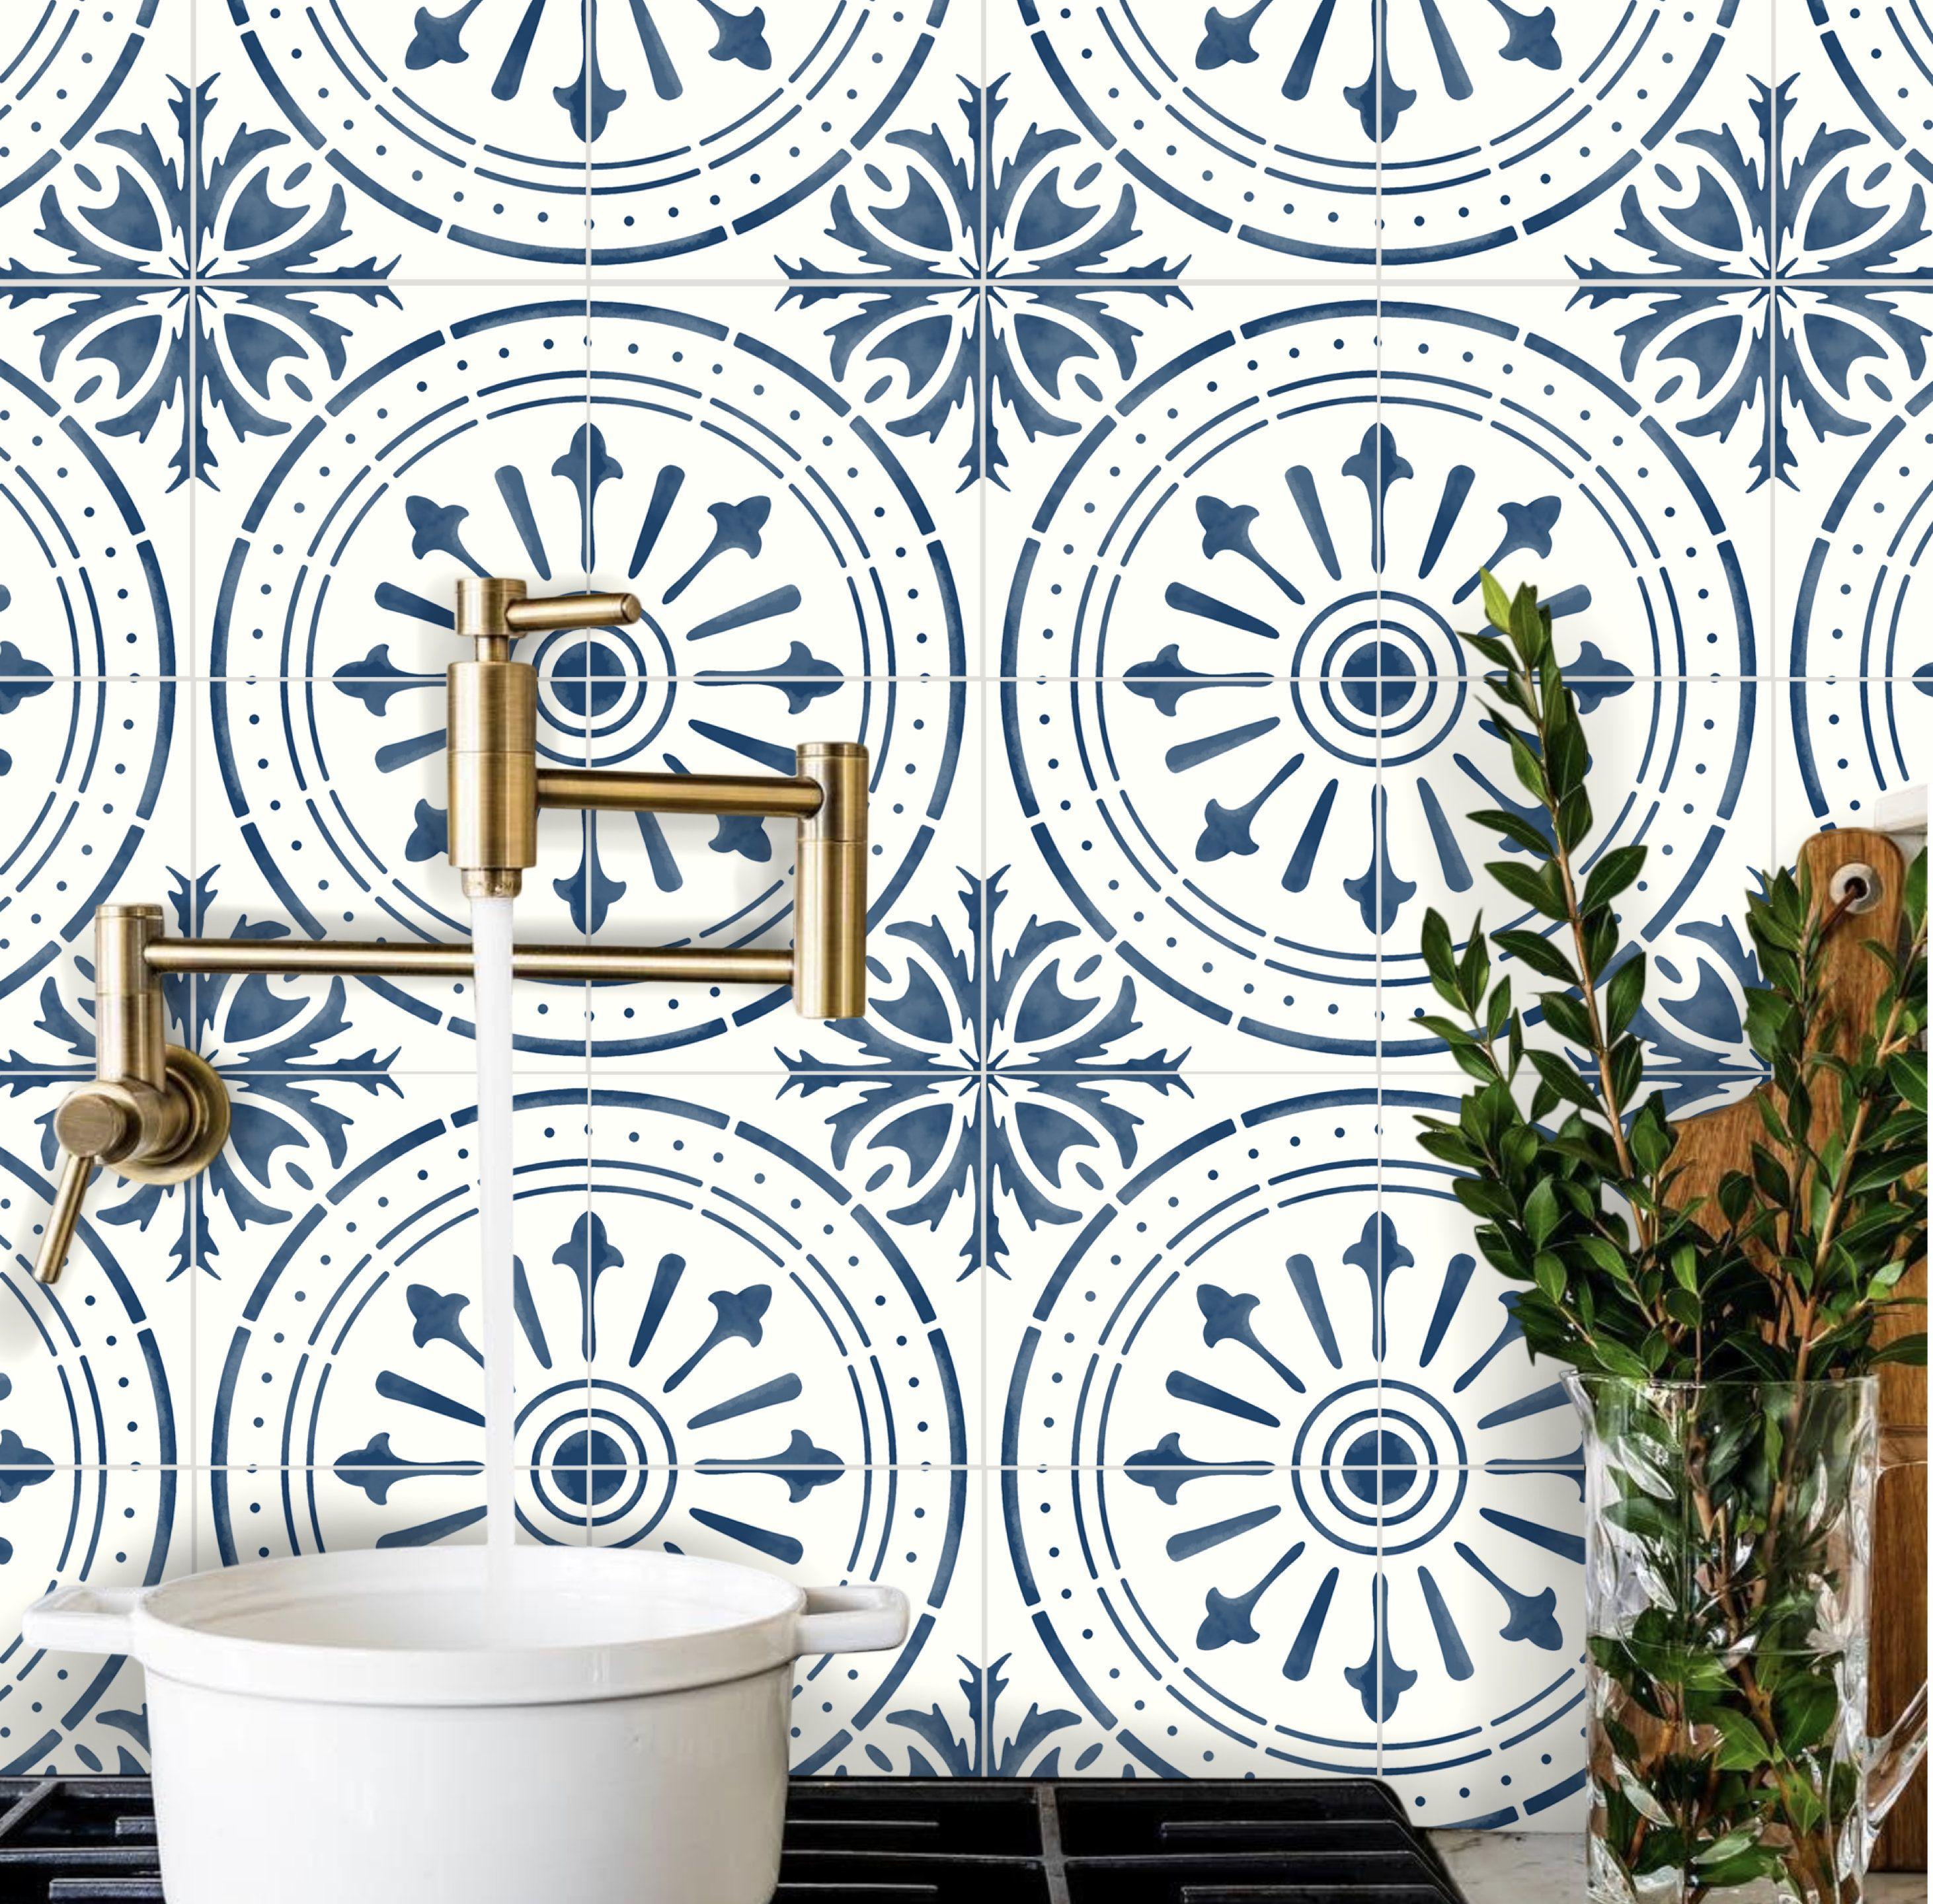 Tile Stickers For Floor Kitchen Backsplash Bath Removable